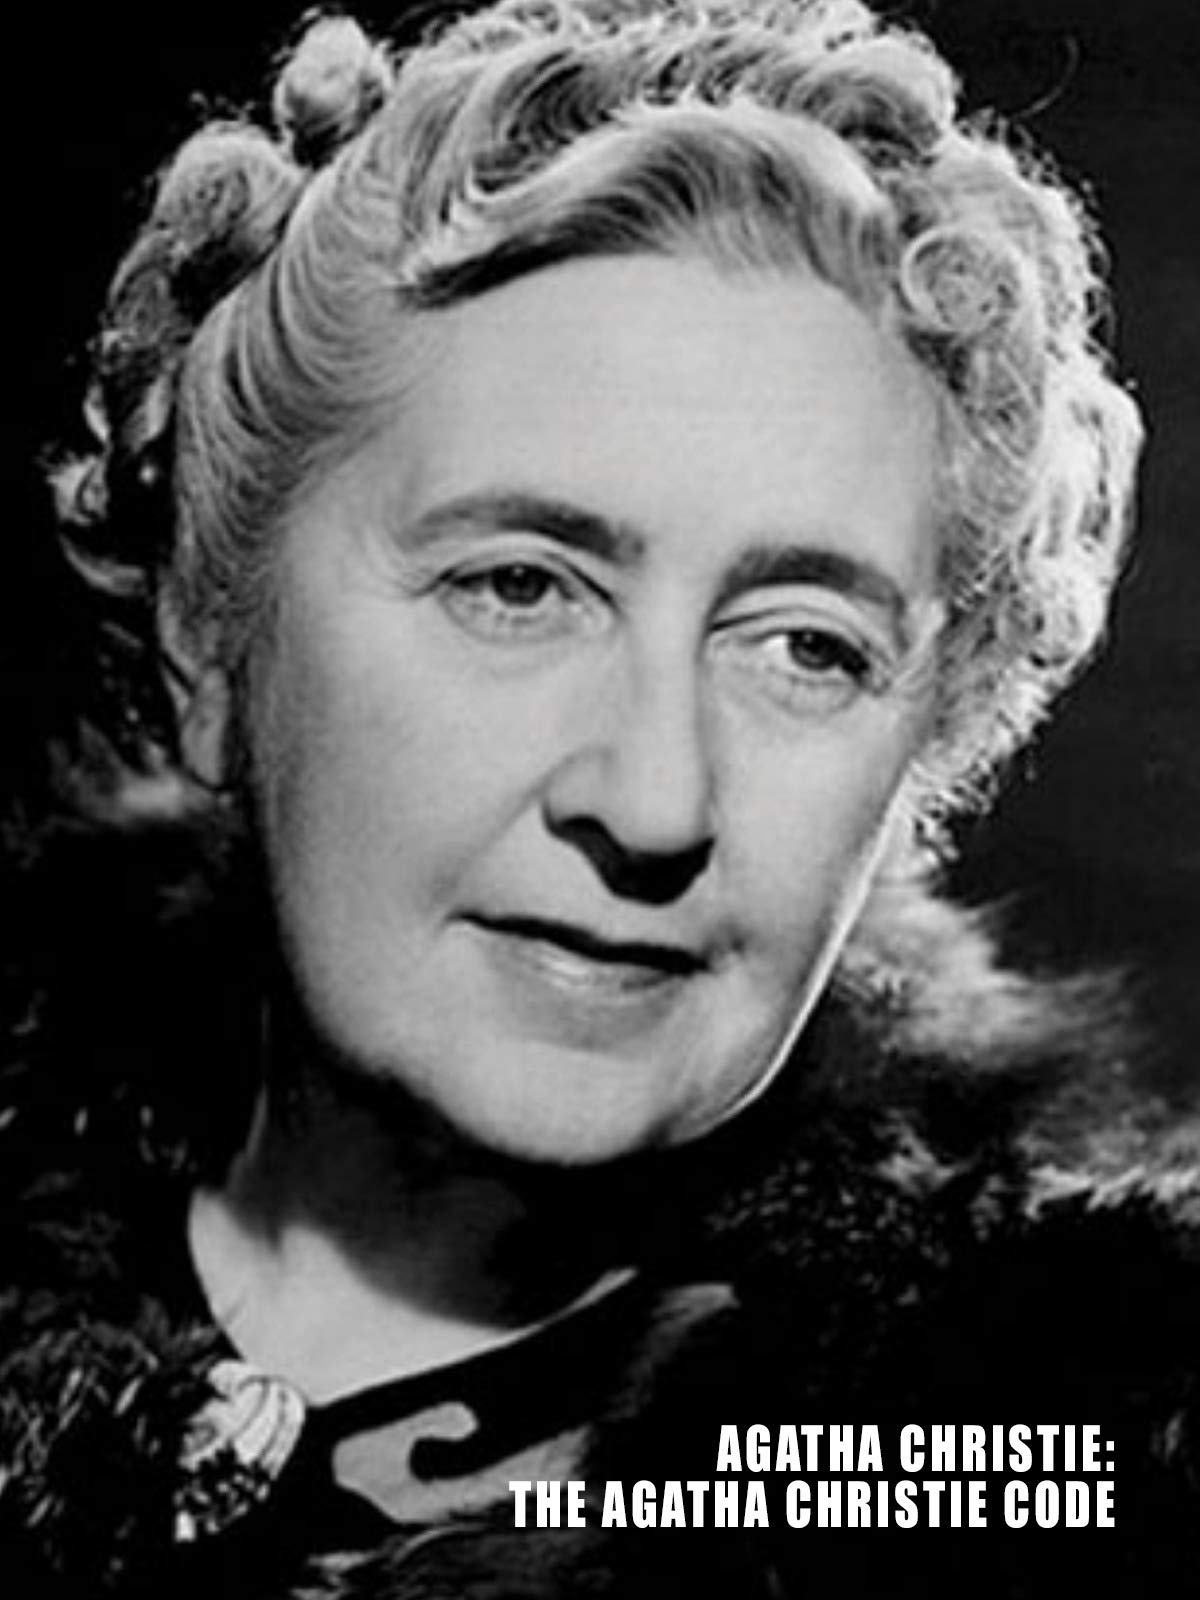 The Agatha Christie Code